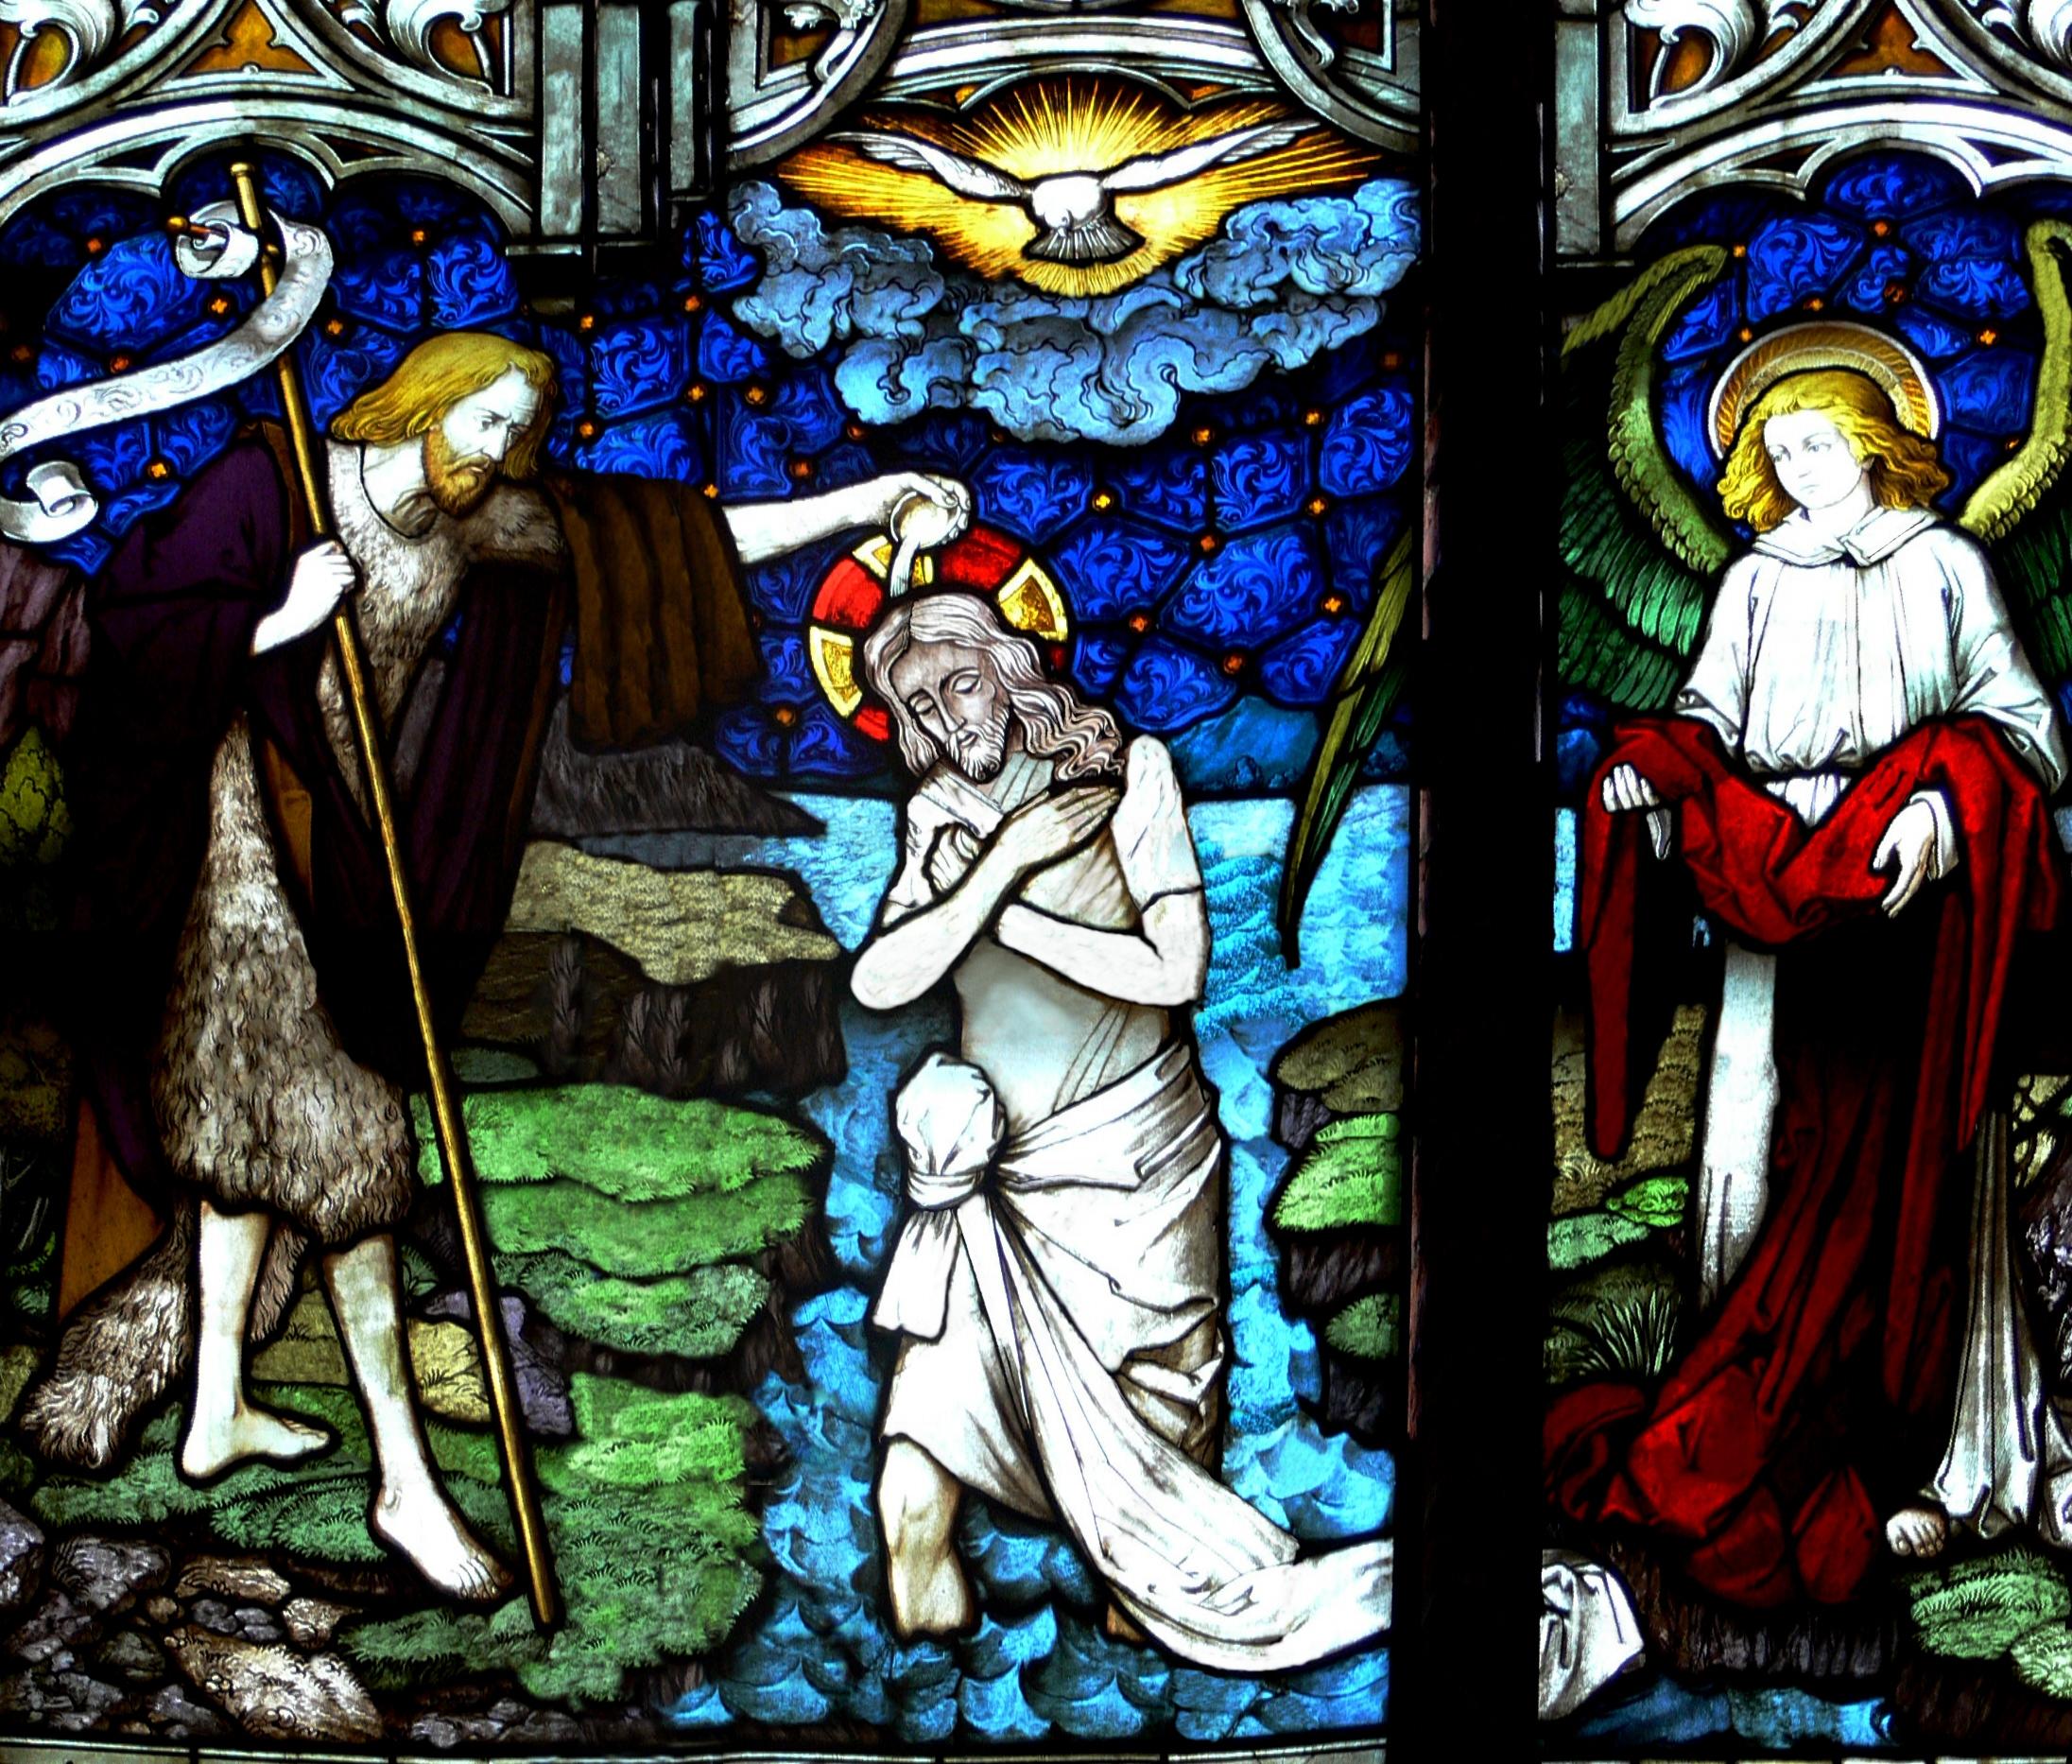 Hình ảnh chúa jesus trong nhà thờ